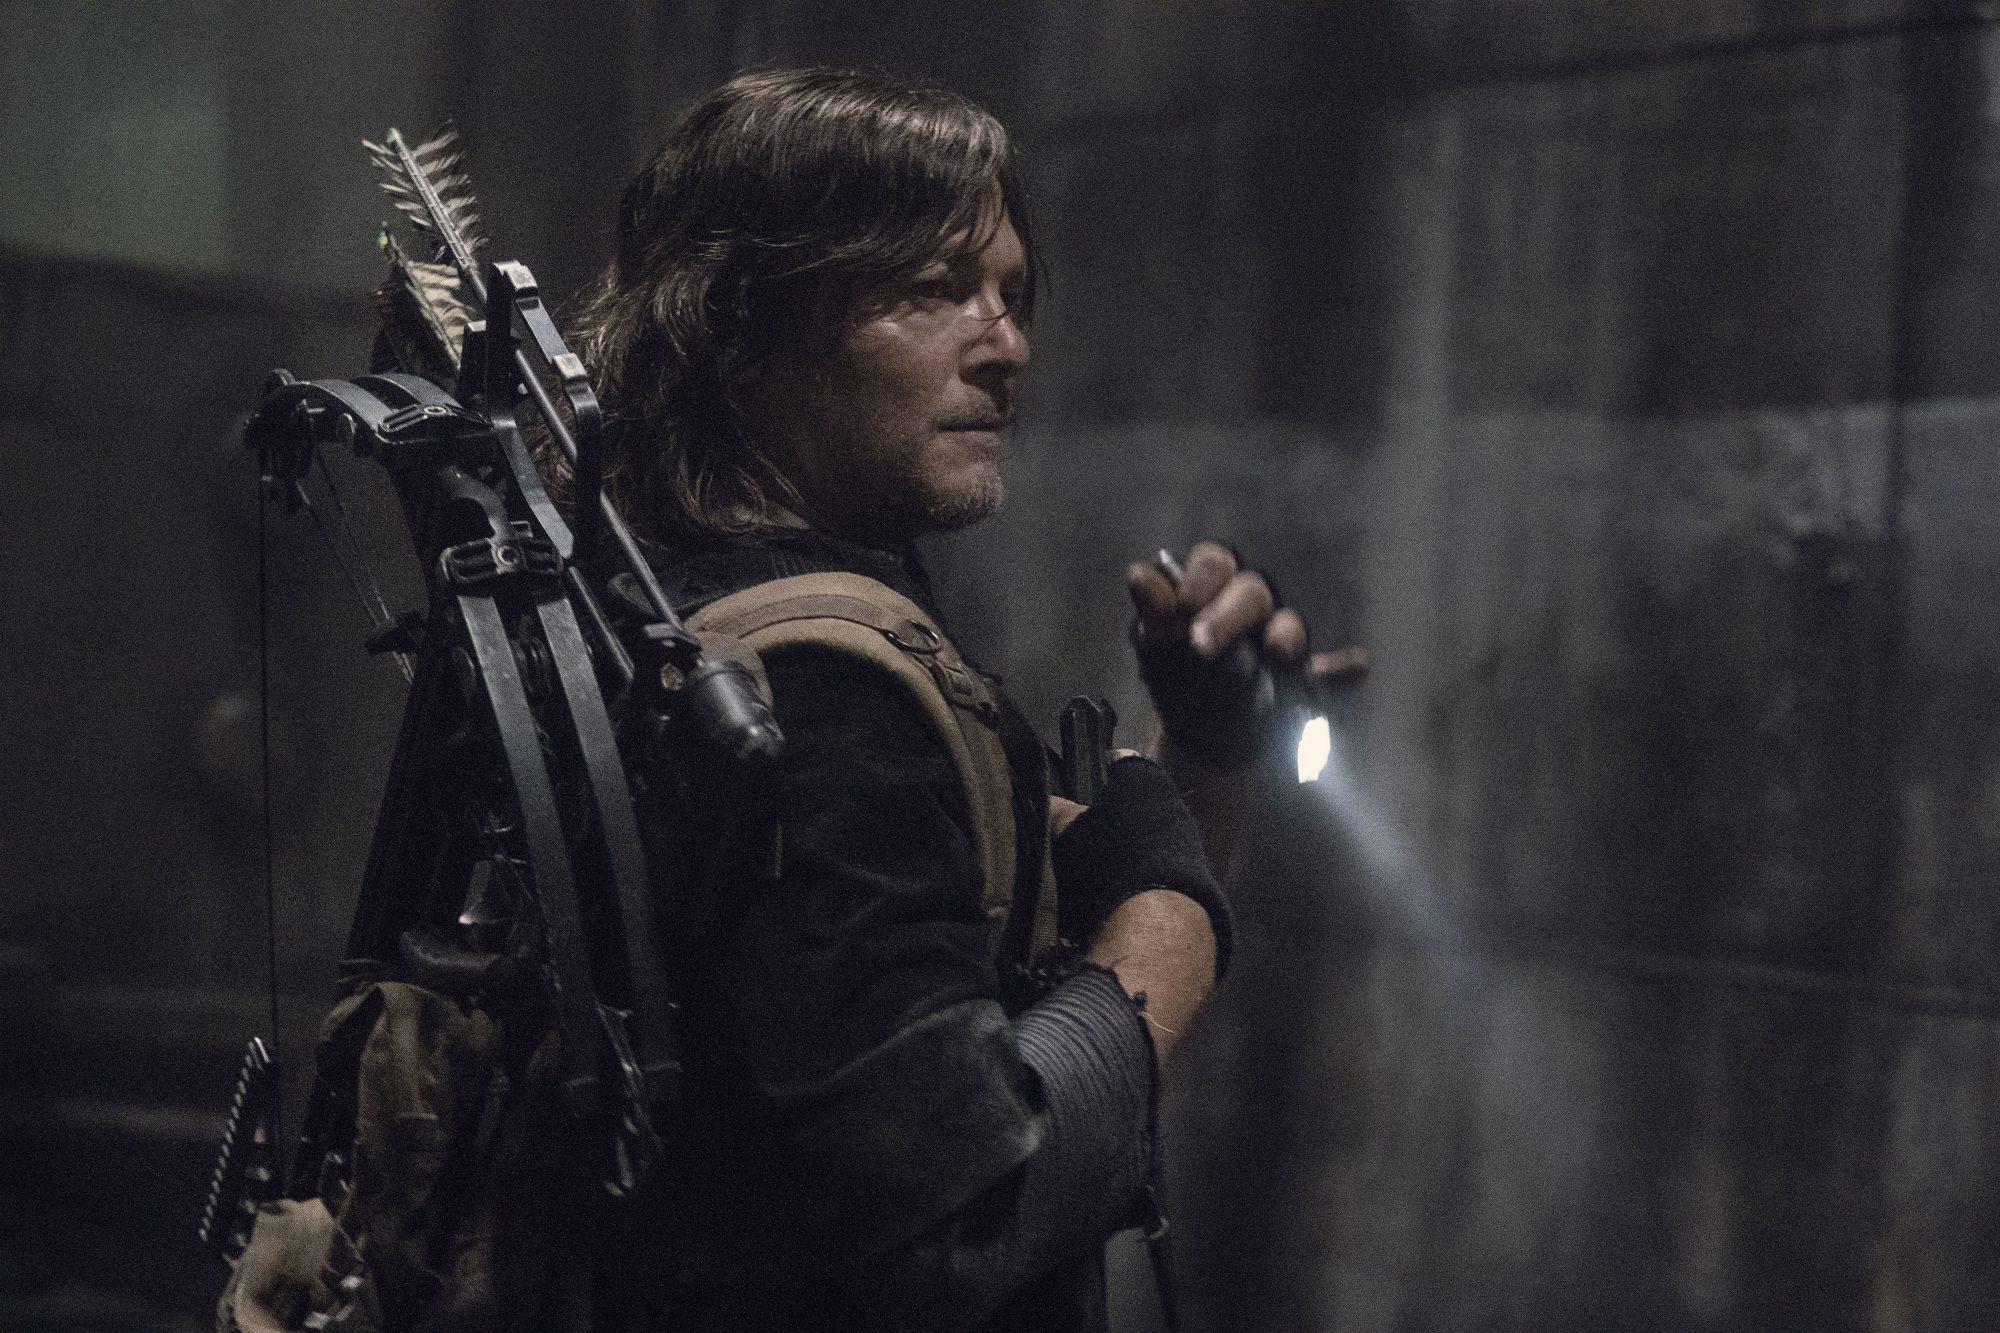 'Walking Dead' Final Season Drops First Trailer, Will Air in Three Parts Through 2022